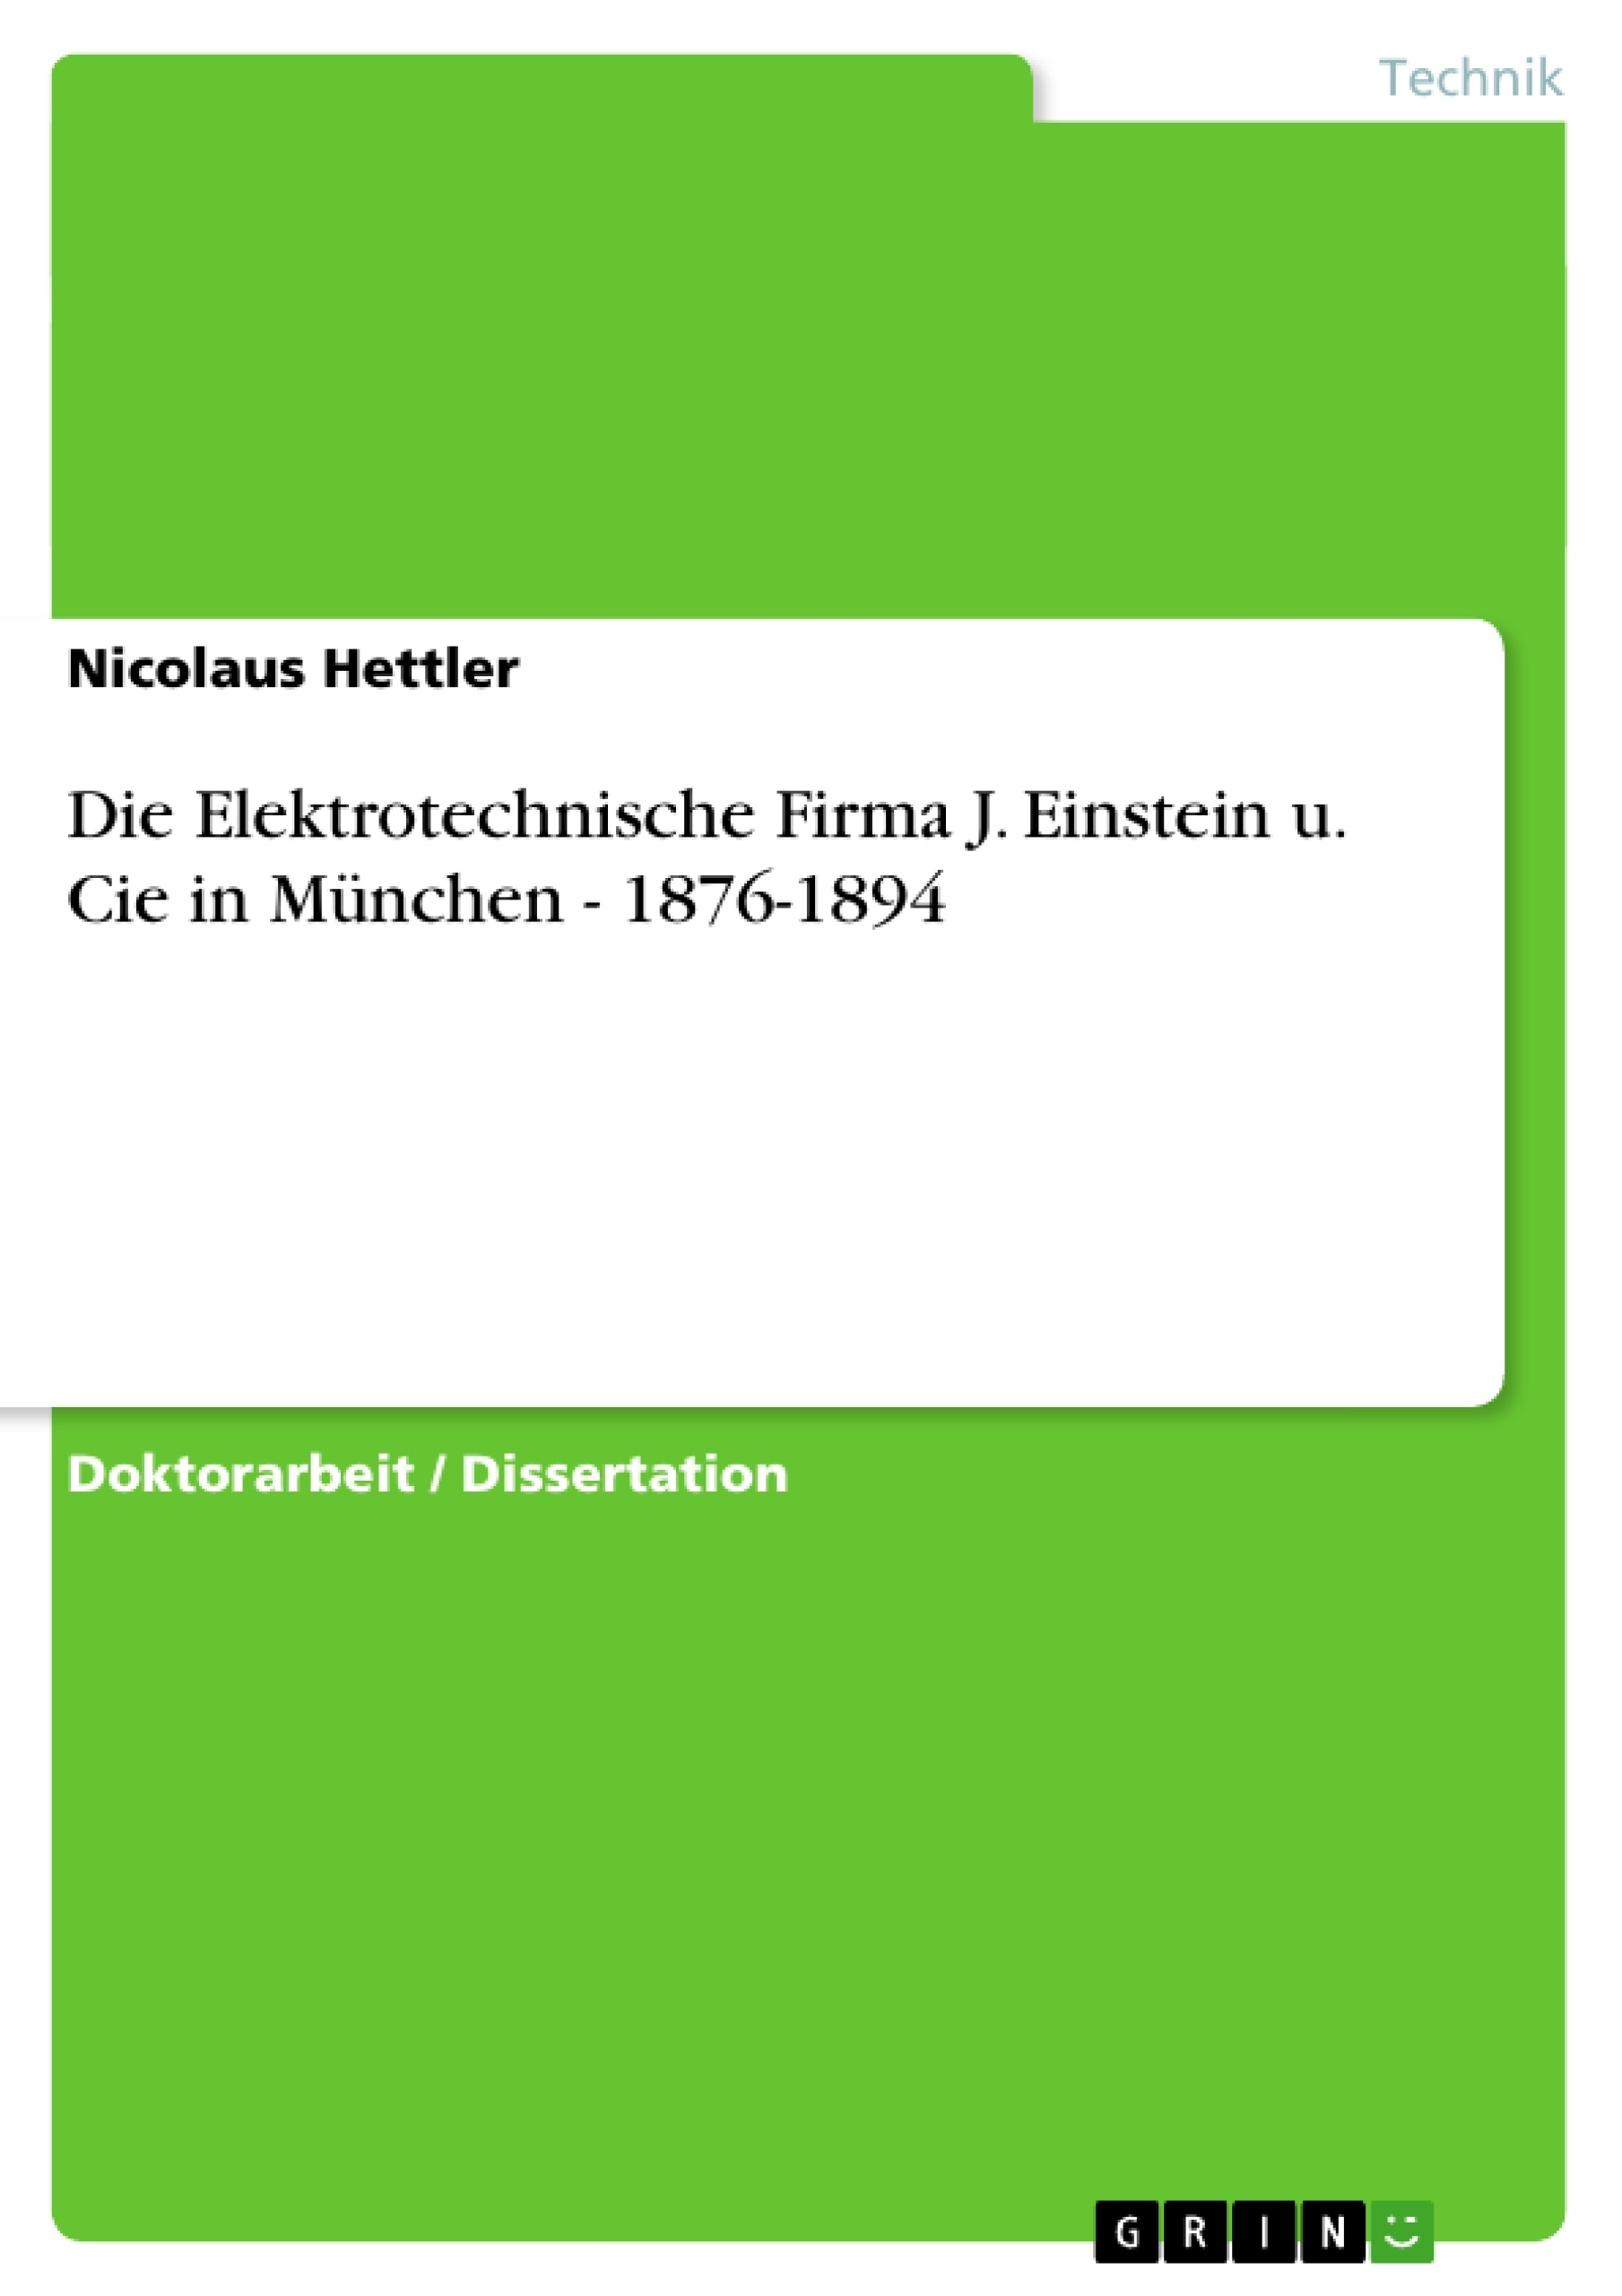 Titel: Die Elektrotechnische Firma J. Einstein u. Cie in München - 1876-1894